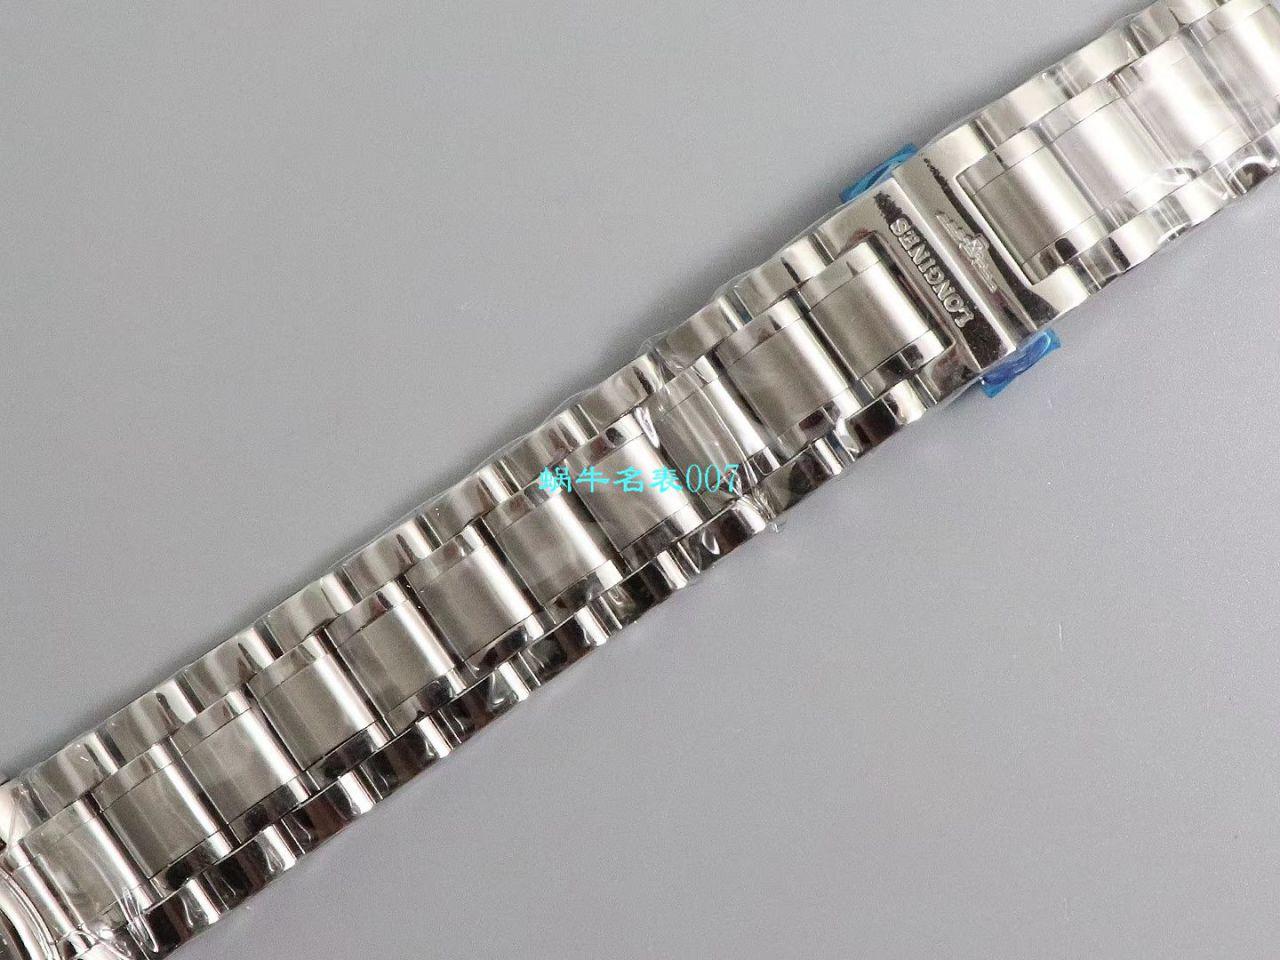 【V9厂超A高仿手表】浪琴名匠系列L2.793.4.57.6腕表 / L130